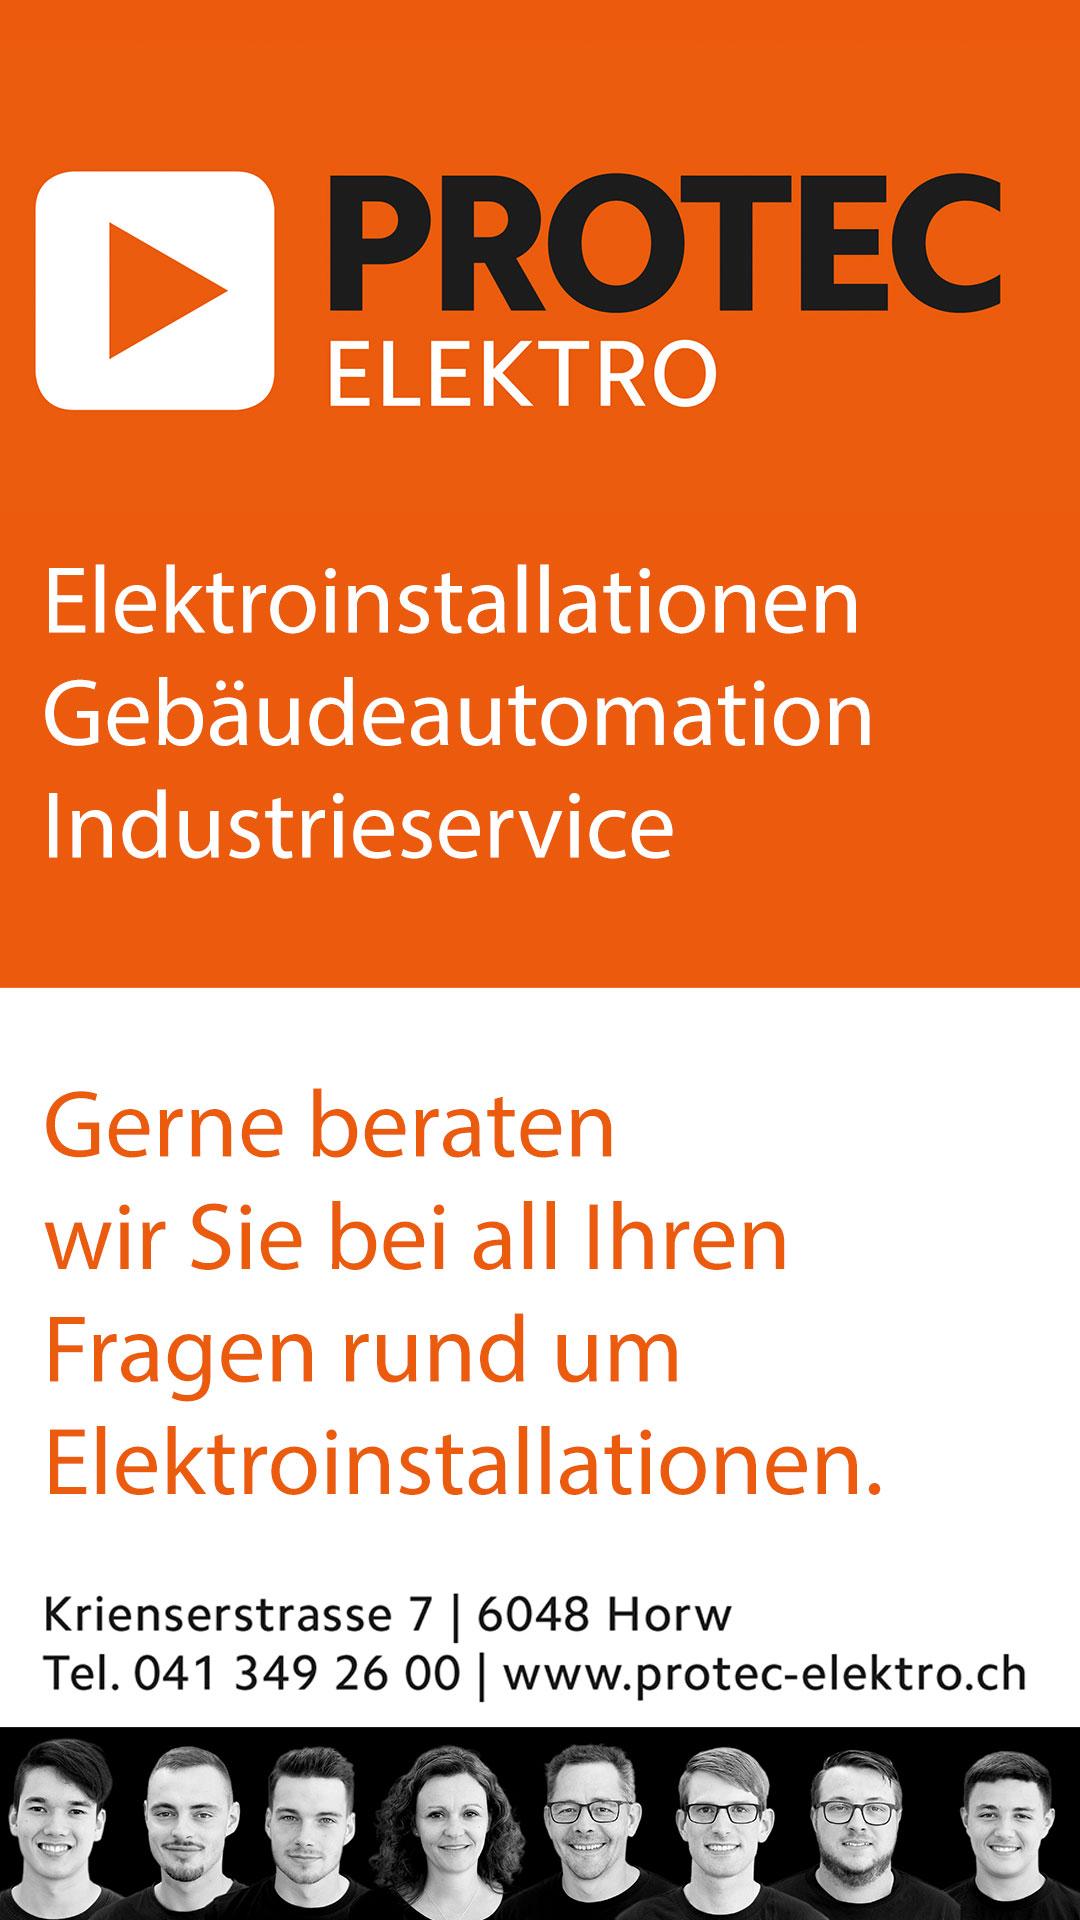 h_protec_elektro